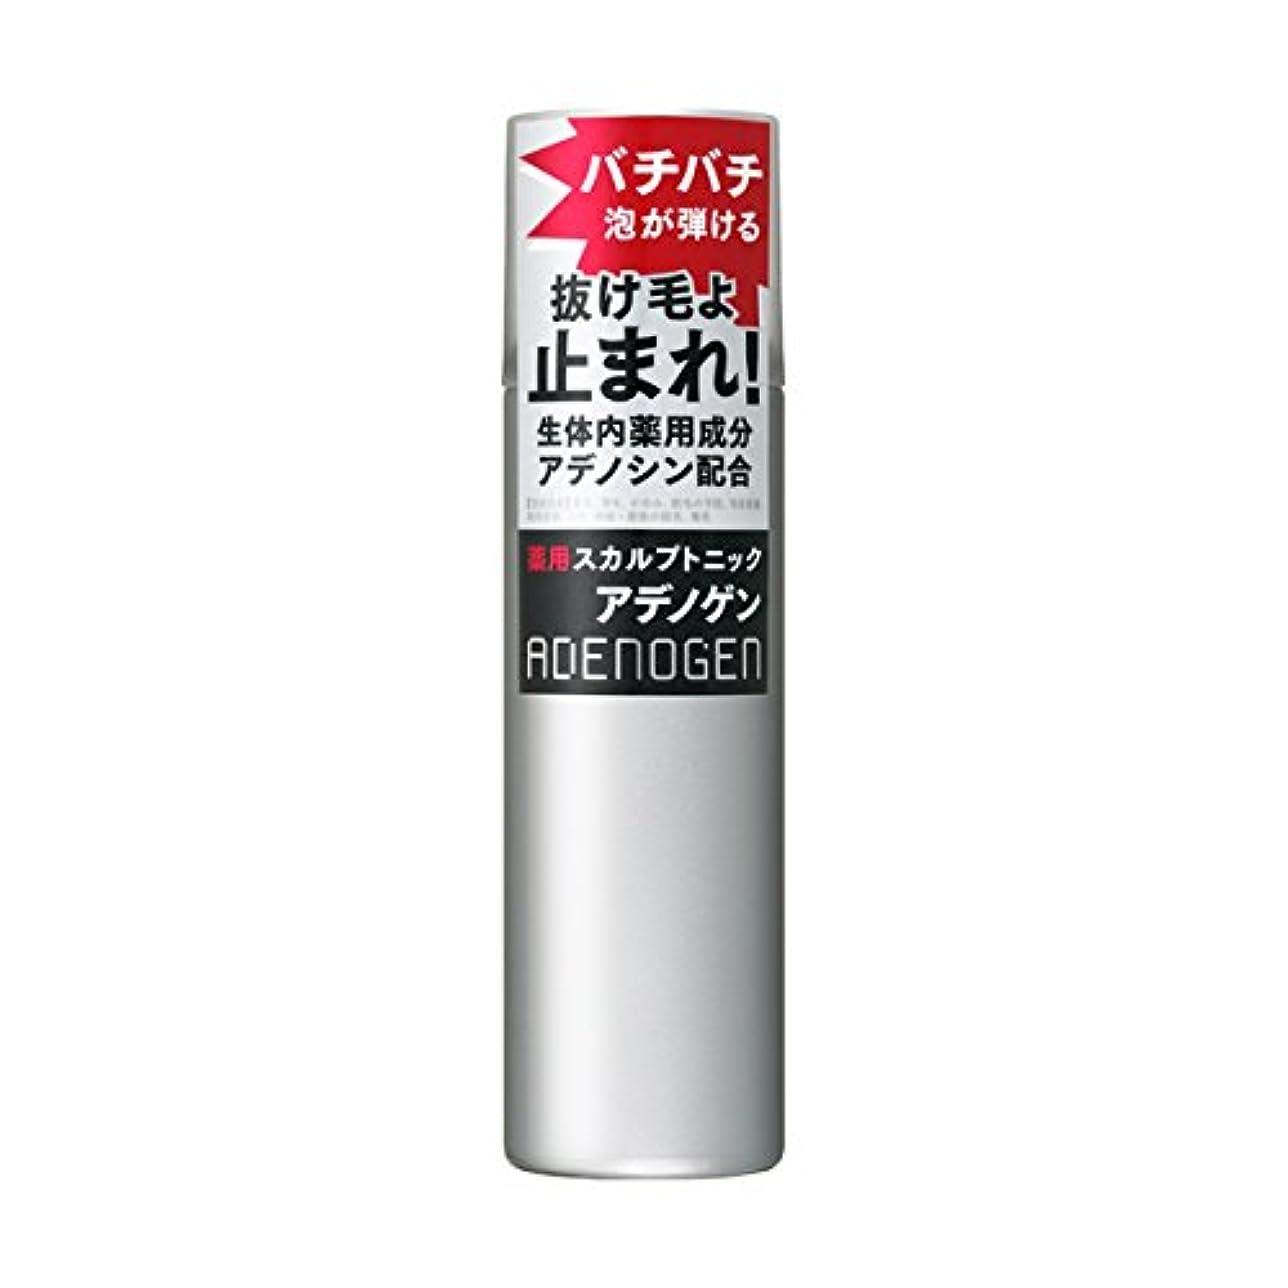 ラメ罹患率剥離アデノゲン 薬用スカルプトニック 130g 【医薬部外品】